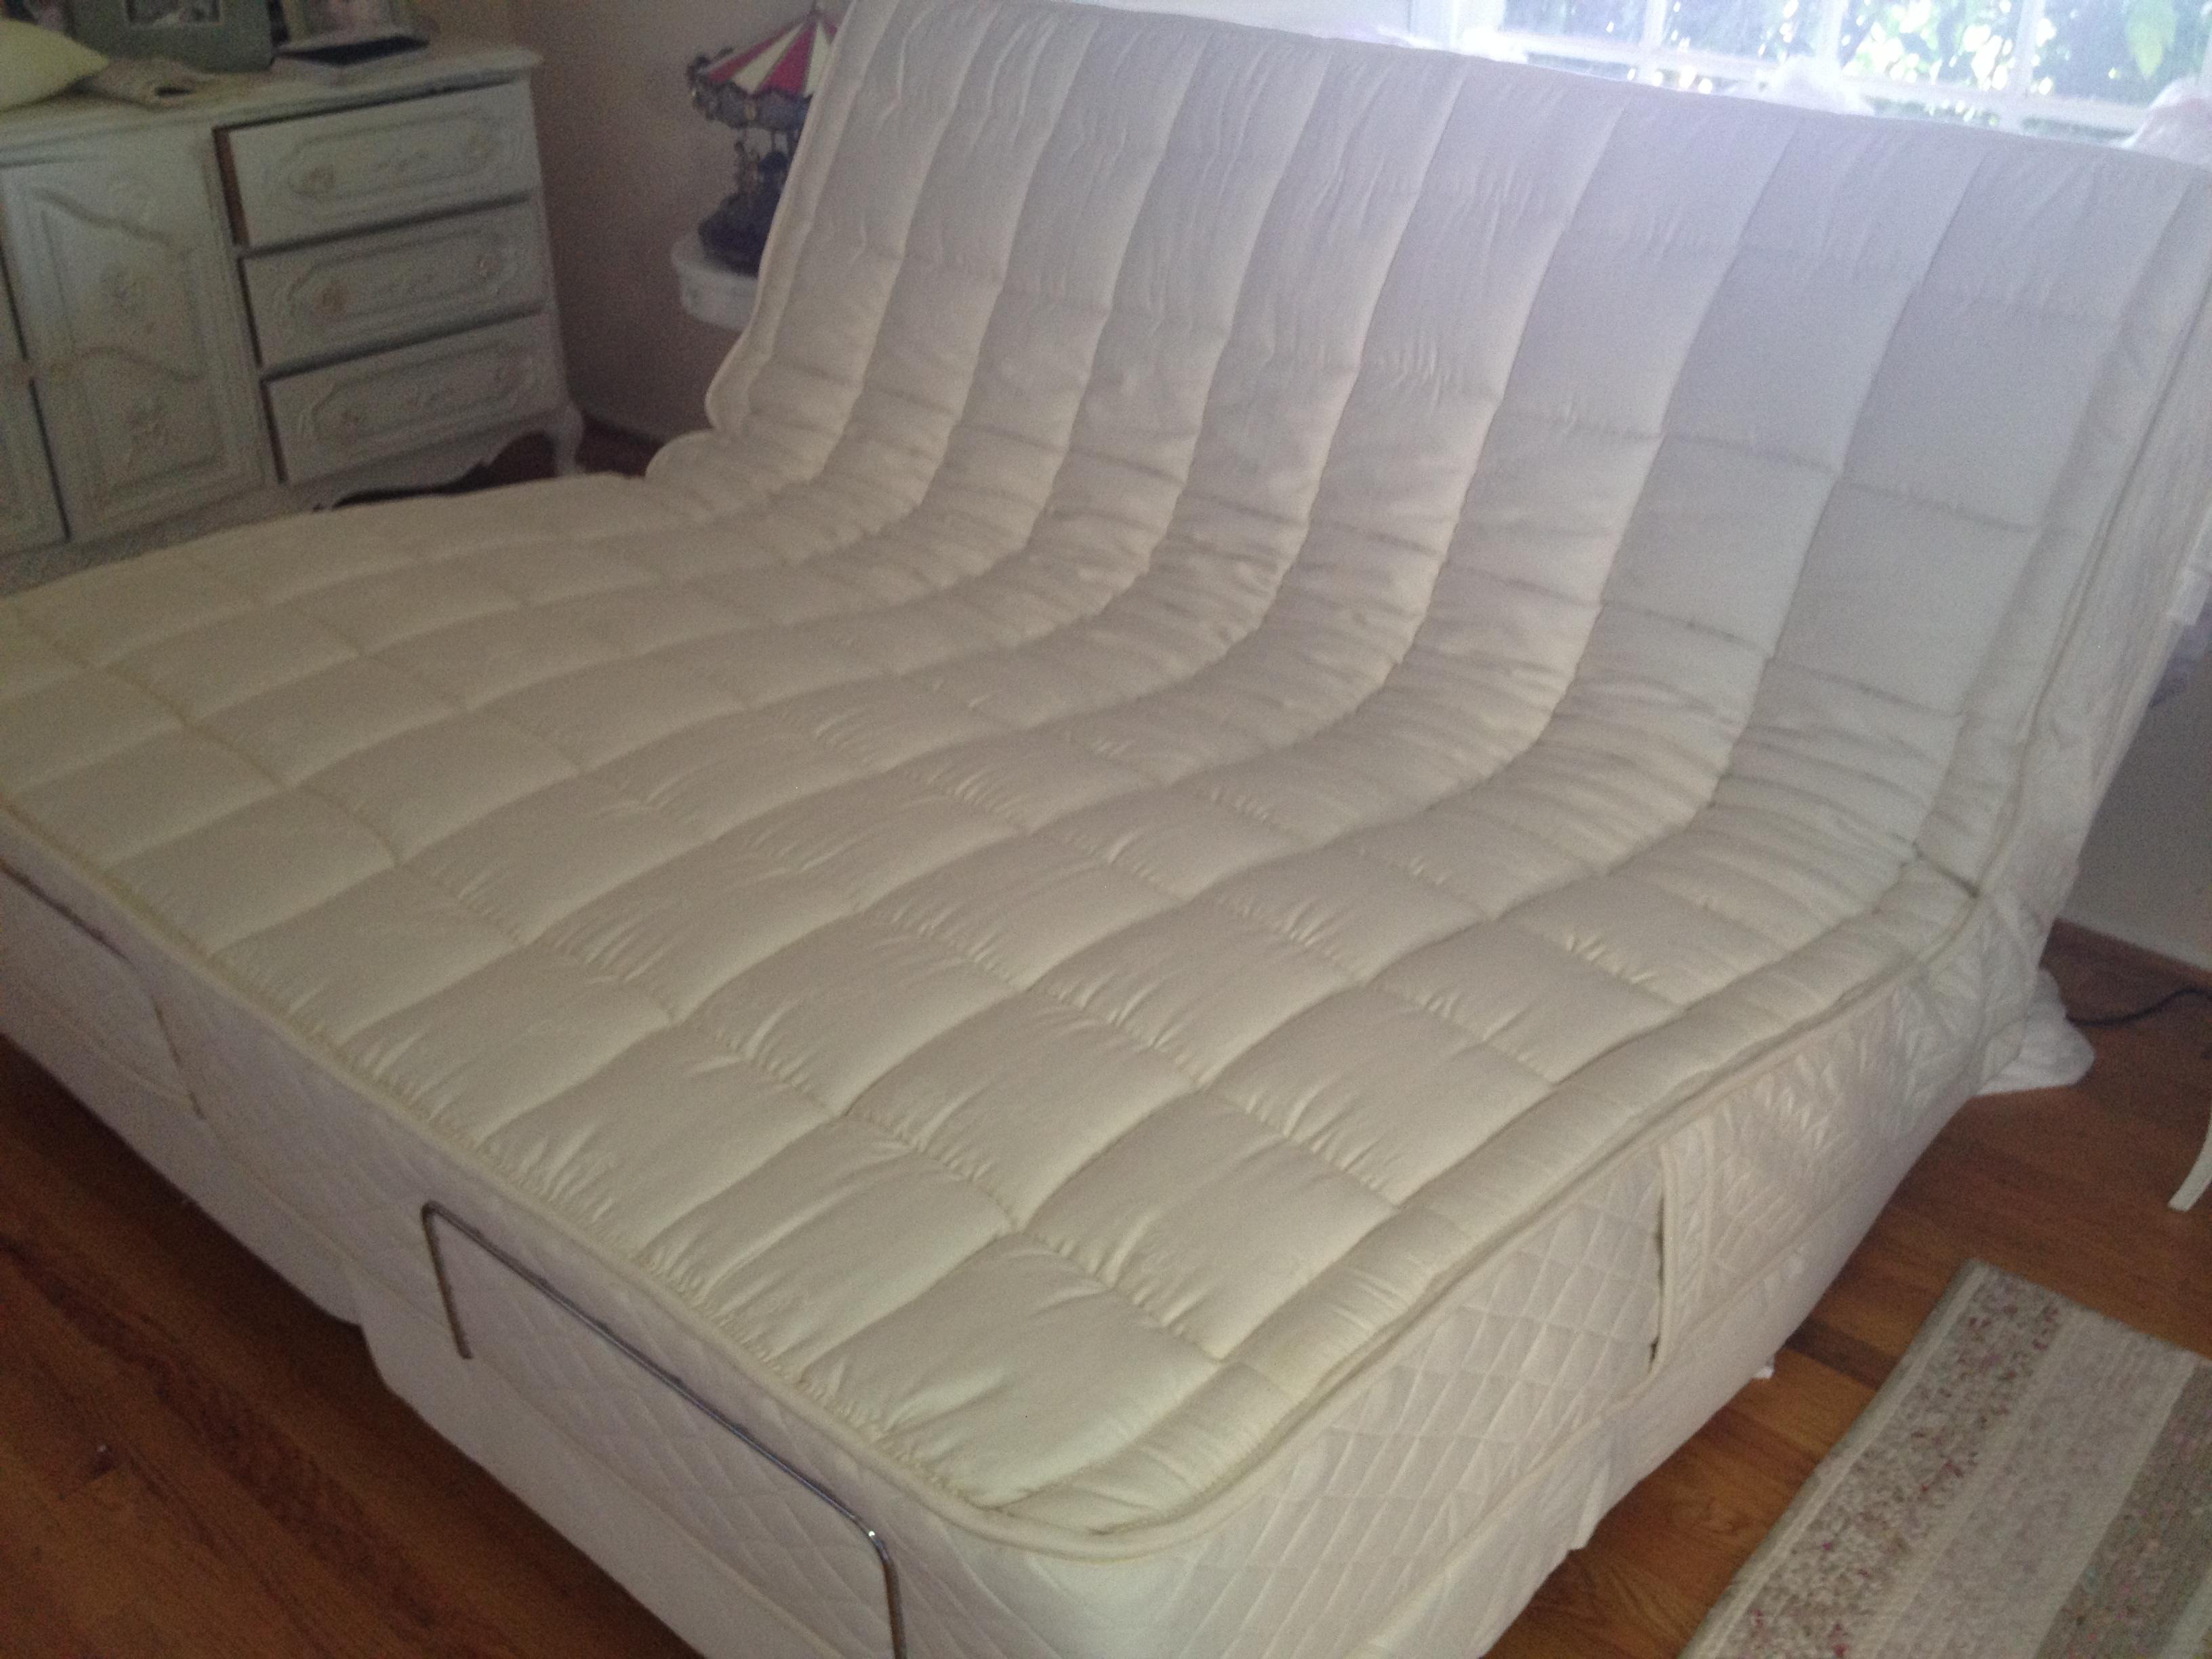 adjustable beds king mattress - Adjustable Bed Frame King